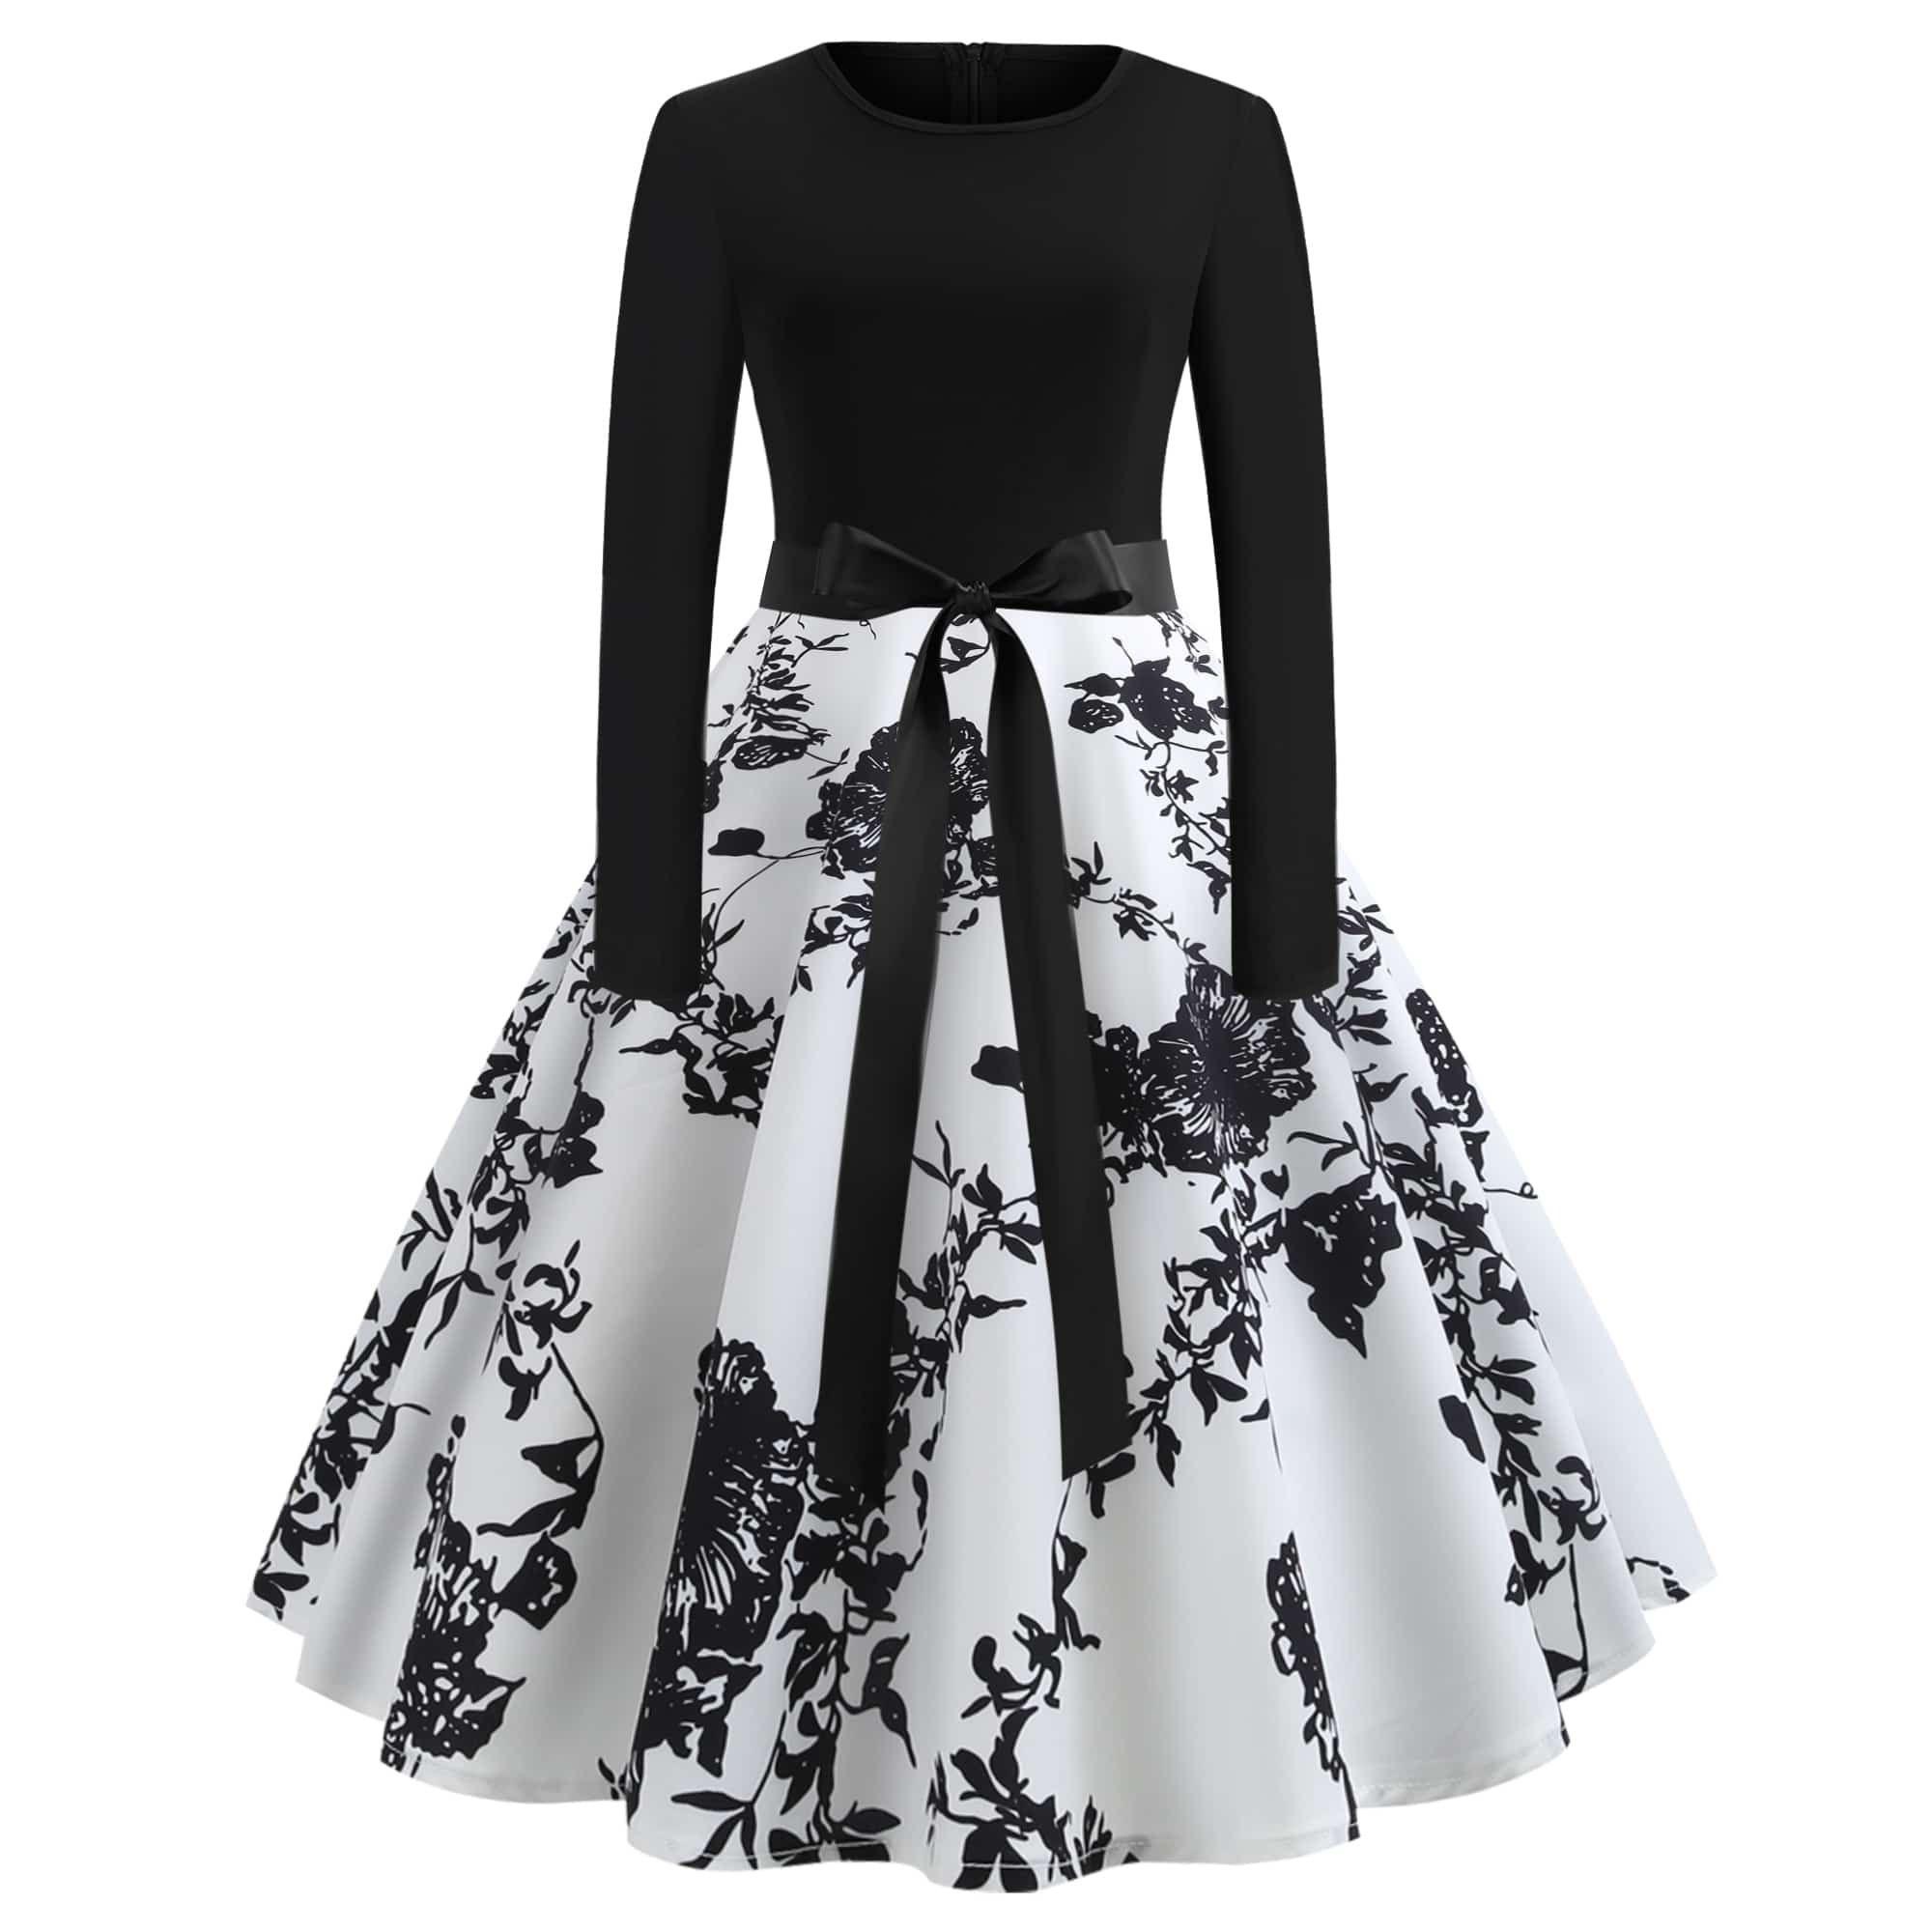 20+ Kleider Lang Schwarz Weiß Bild - Designerkleidern